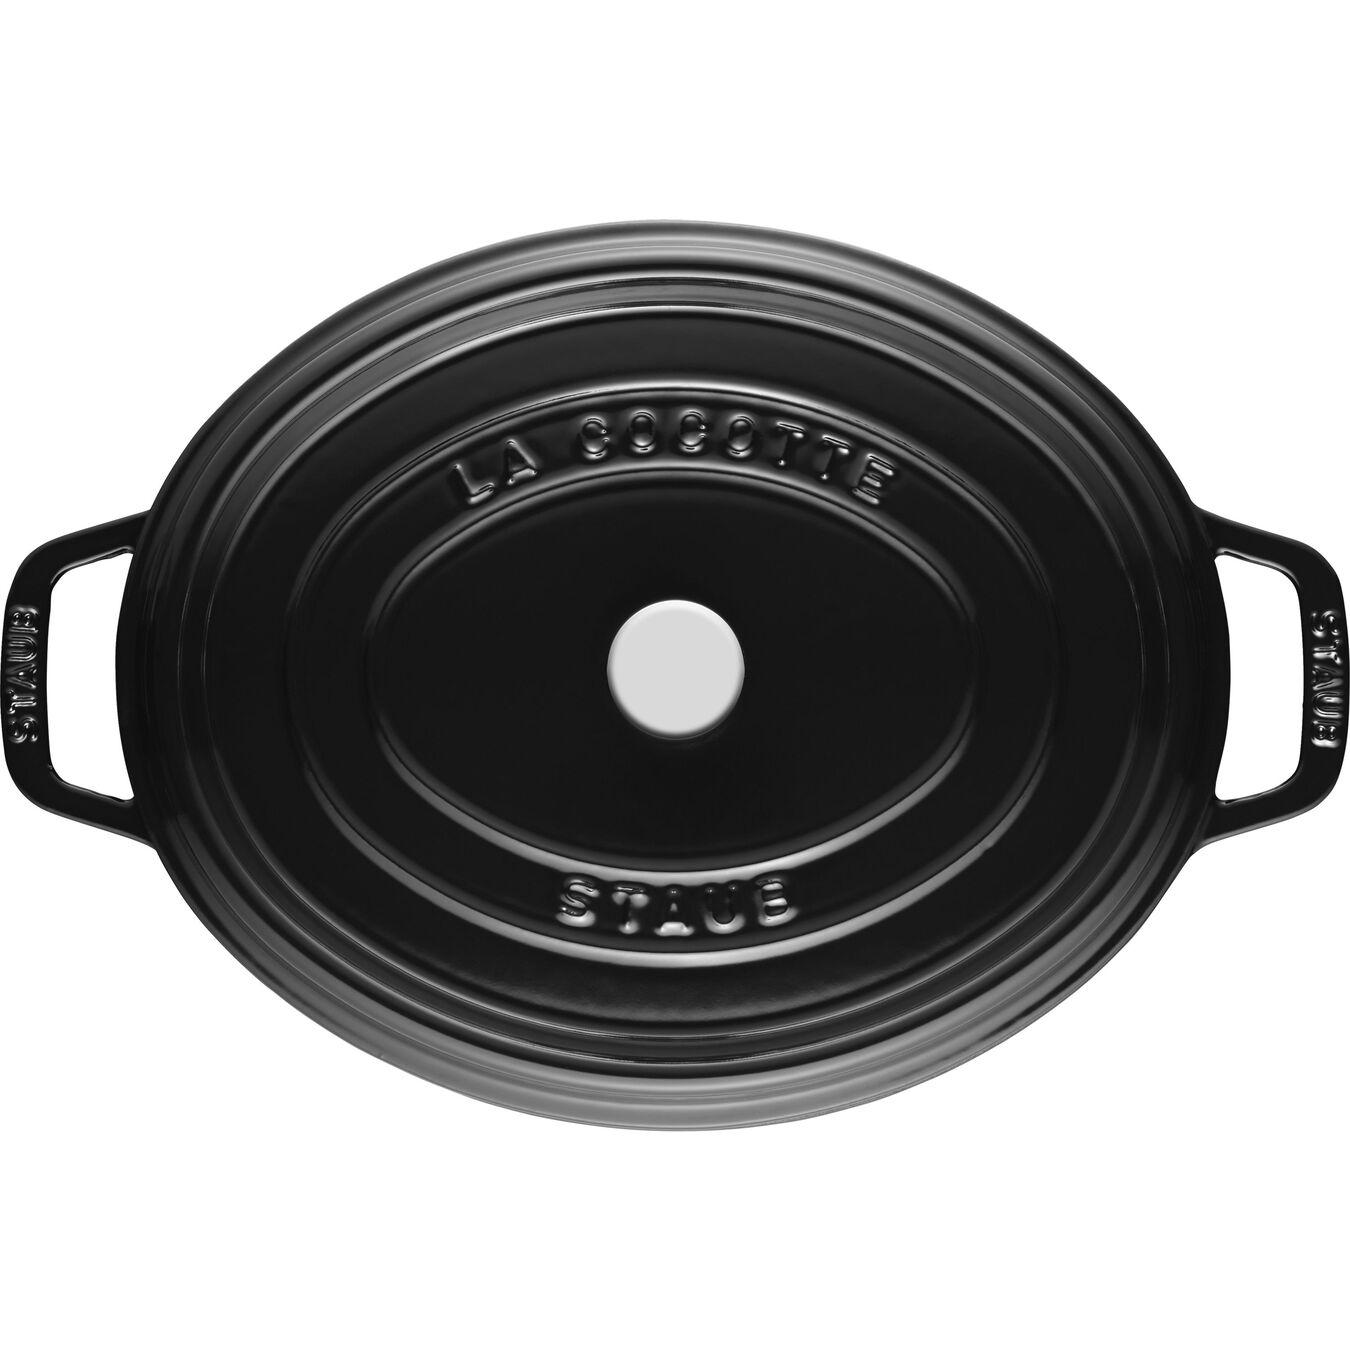 Cocotte 31 cm, Oval, Blank sort, Støbejern,,large 4